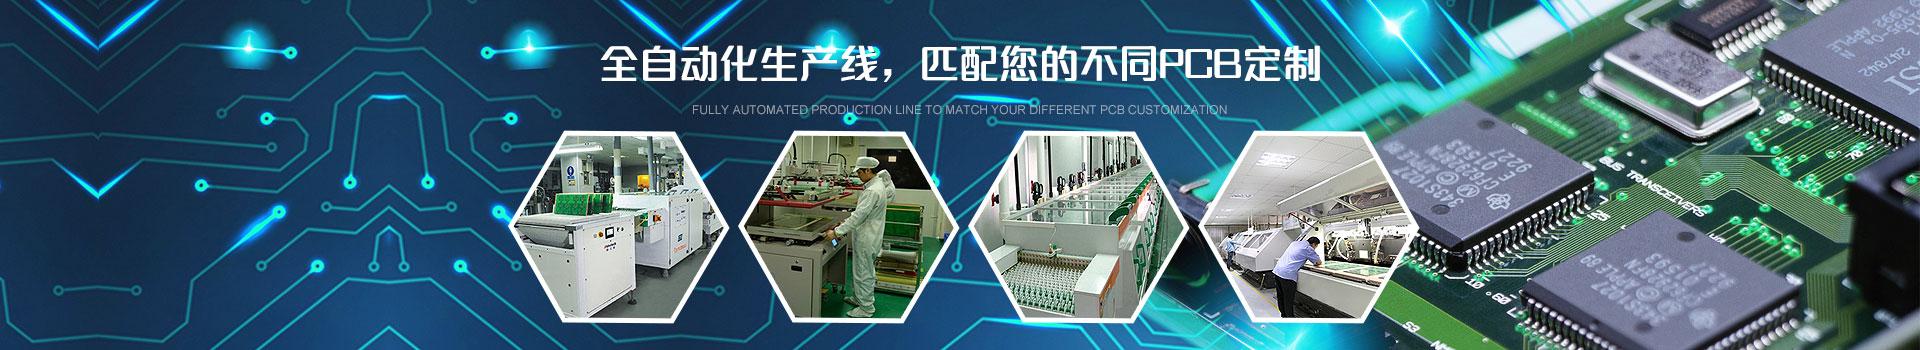 宏联电路-全自动化生产线,匹配您的不同PCB定制